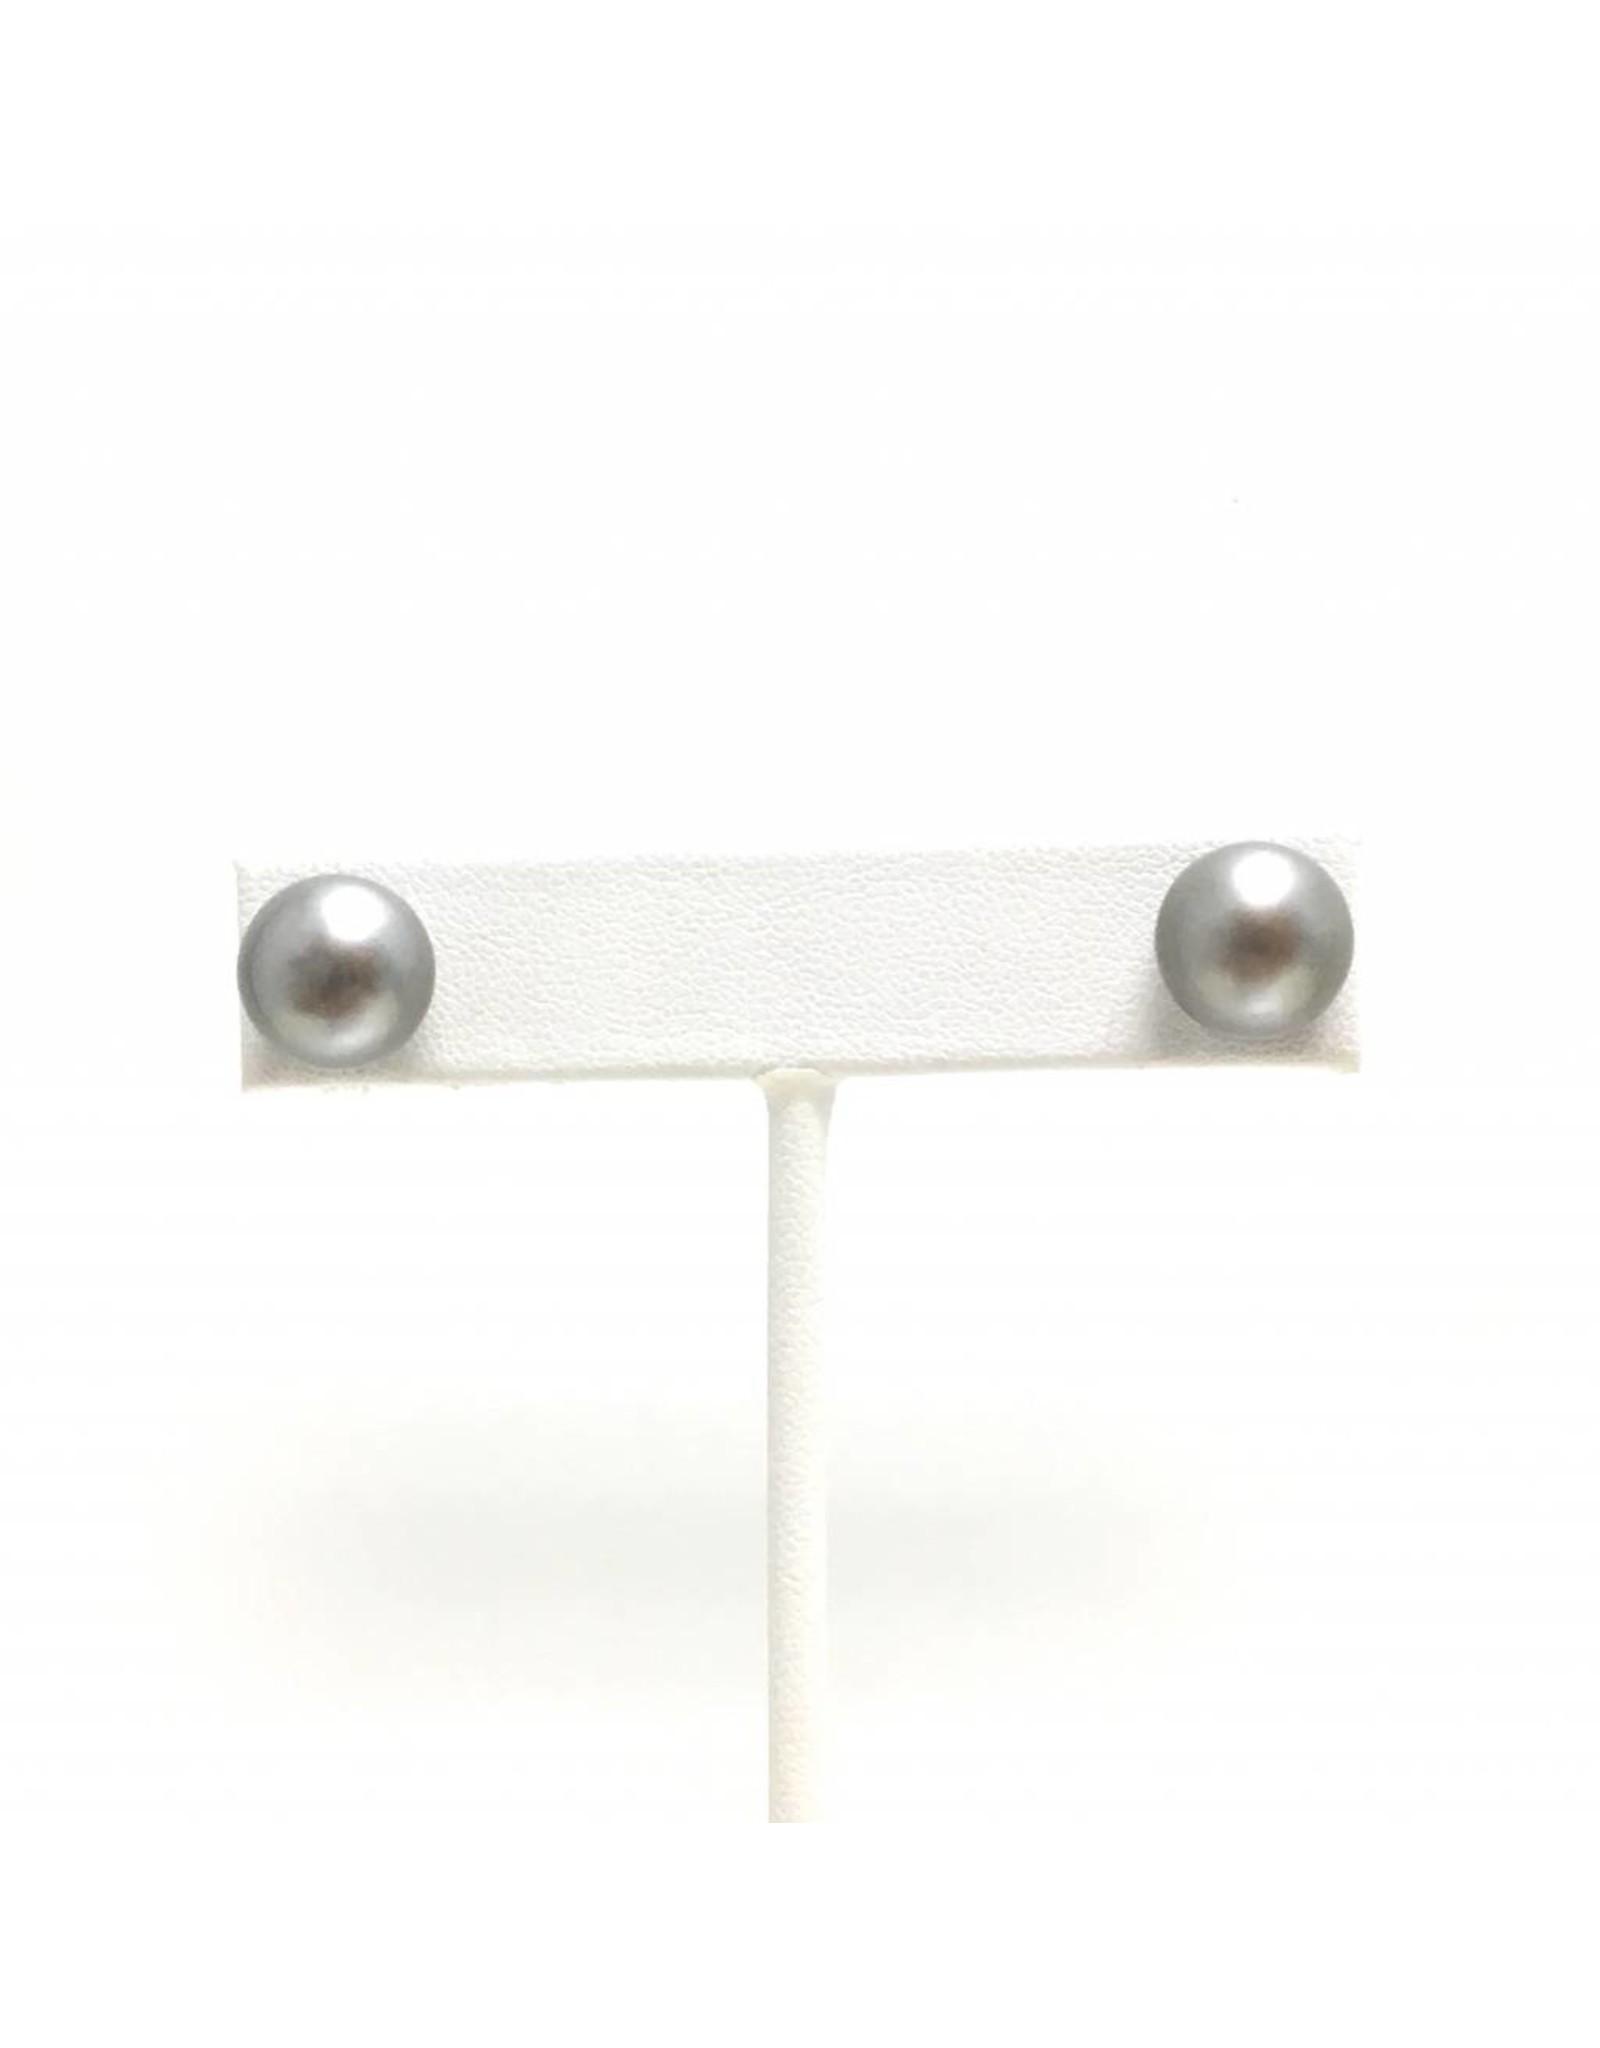 10-11mm Pearl Stud Earrings